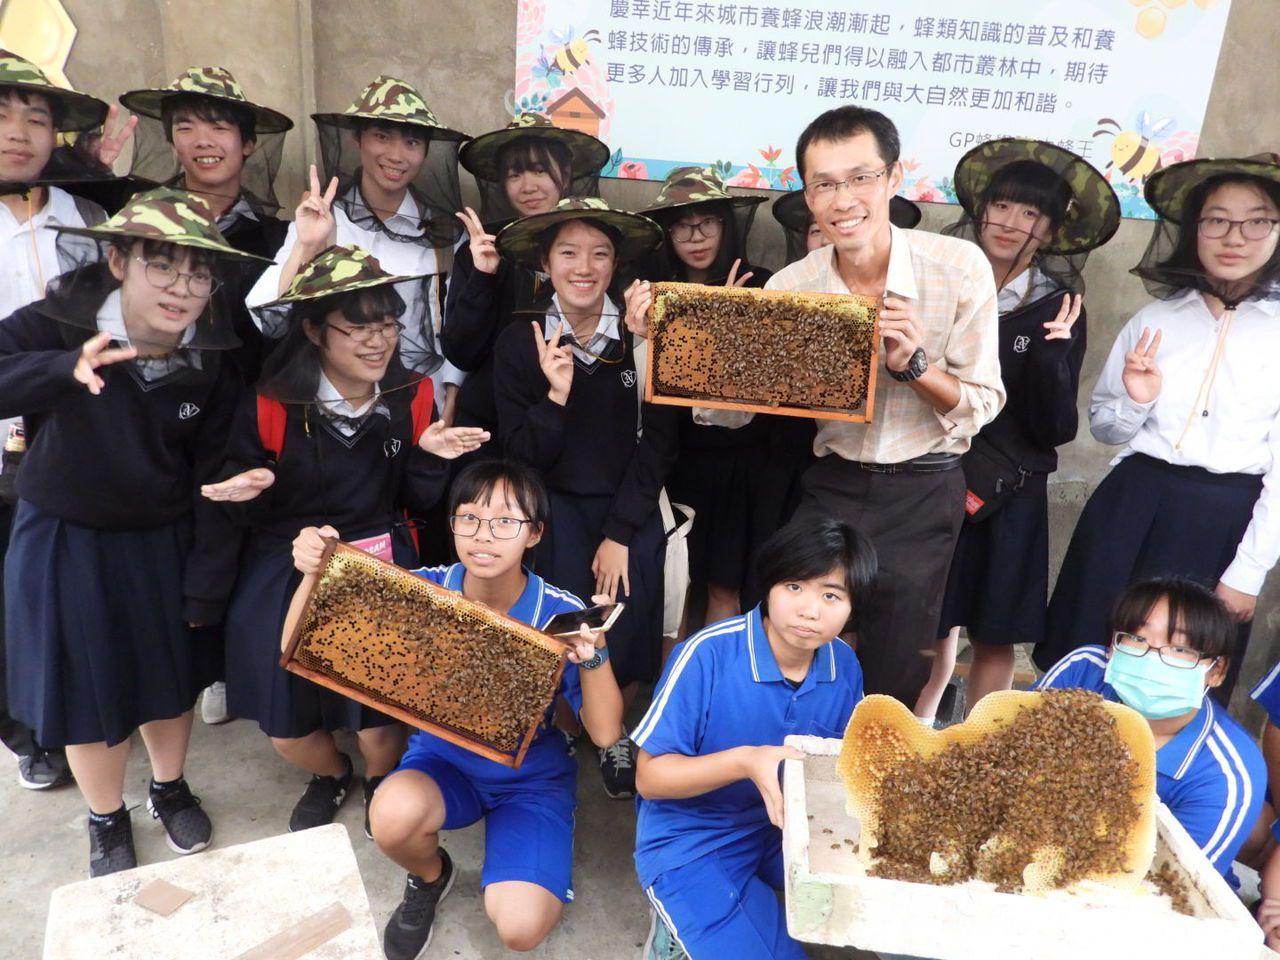 日本高校師生四百多人畢旅到新豐高中,難忘養蜂體驗。記者周宗禎/攝影